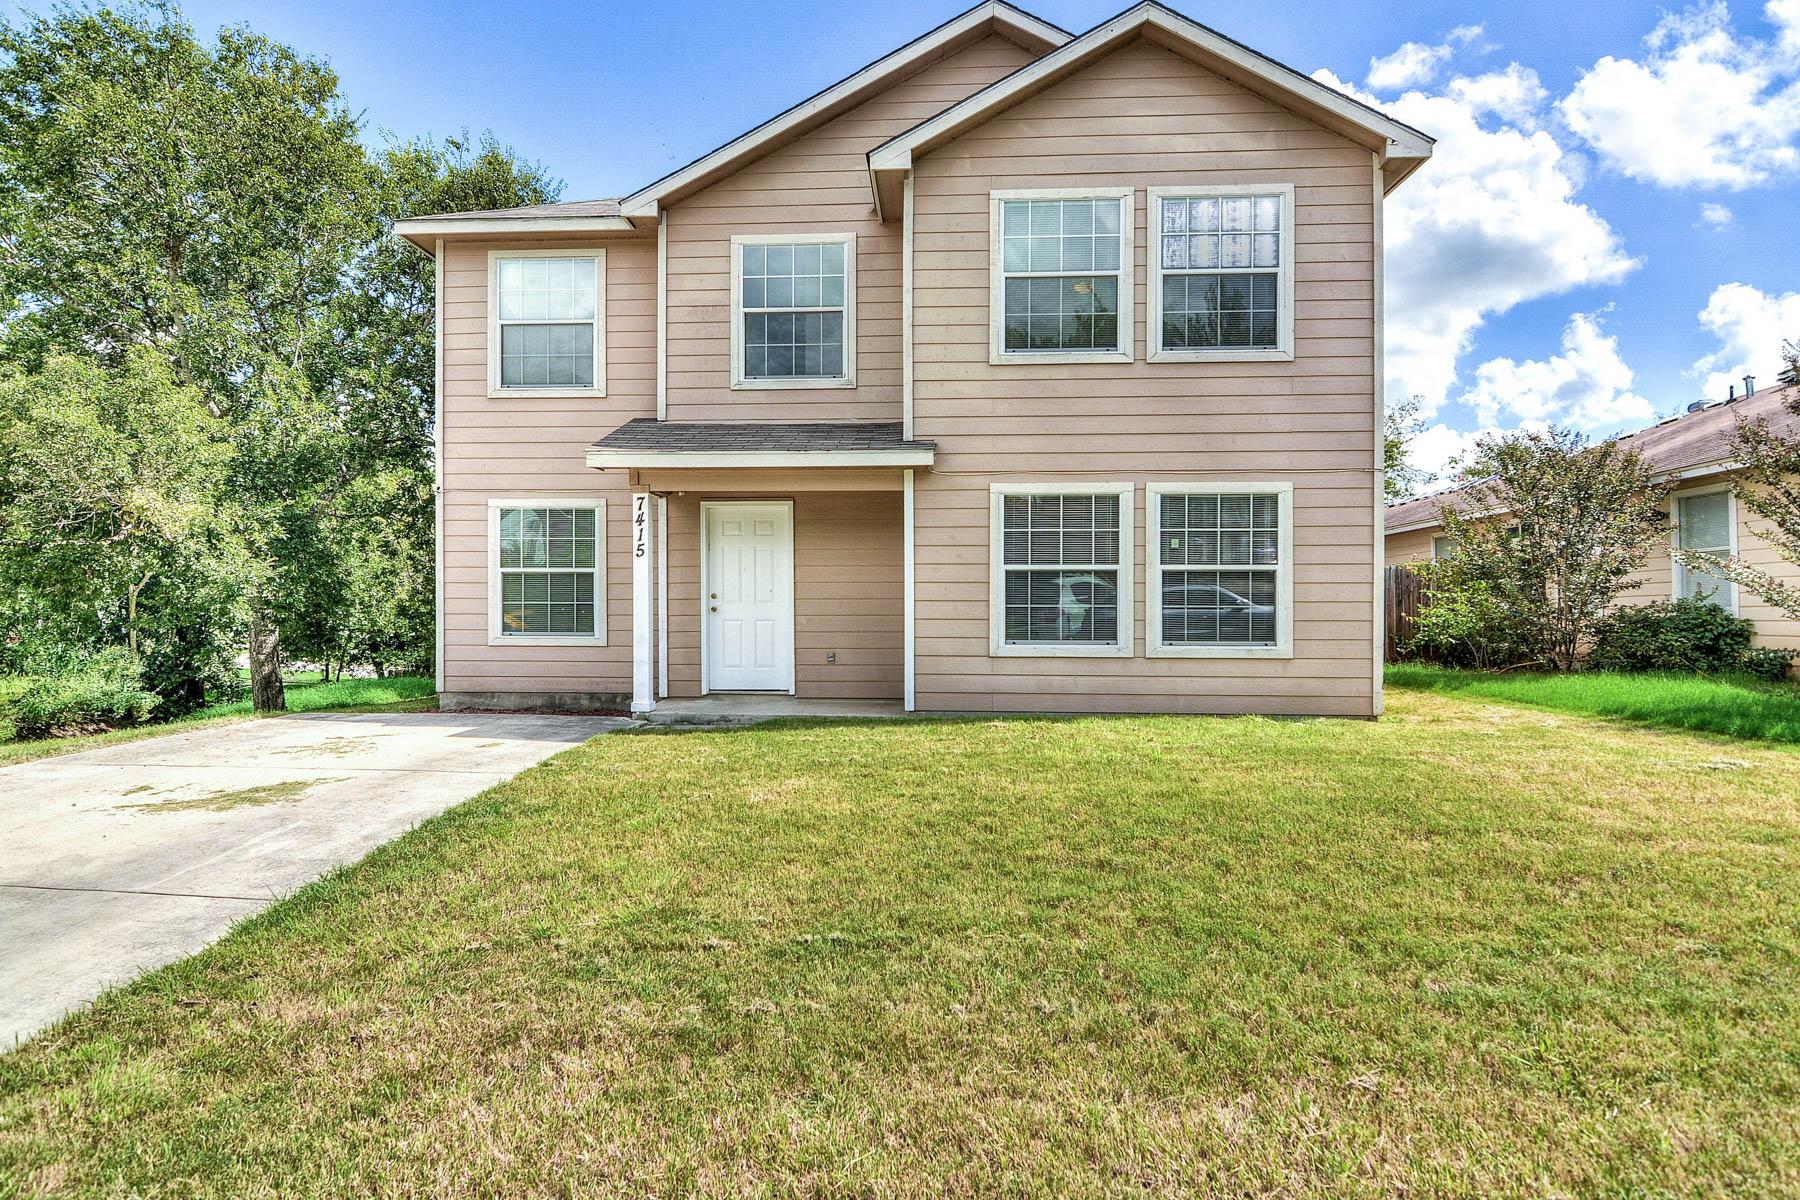 Casa Unifamiliar por un Venta en Wonderful Family Home in Converse 7415 Coers Blvd Converse, Texas 78109 Estados Unidos